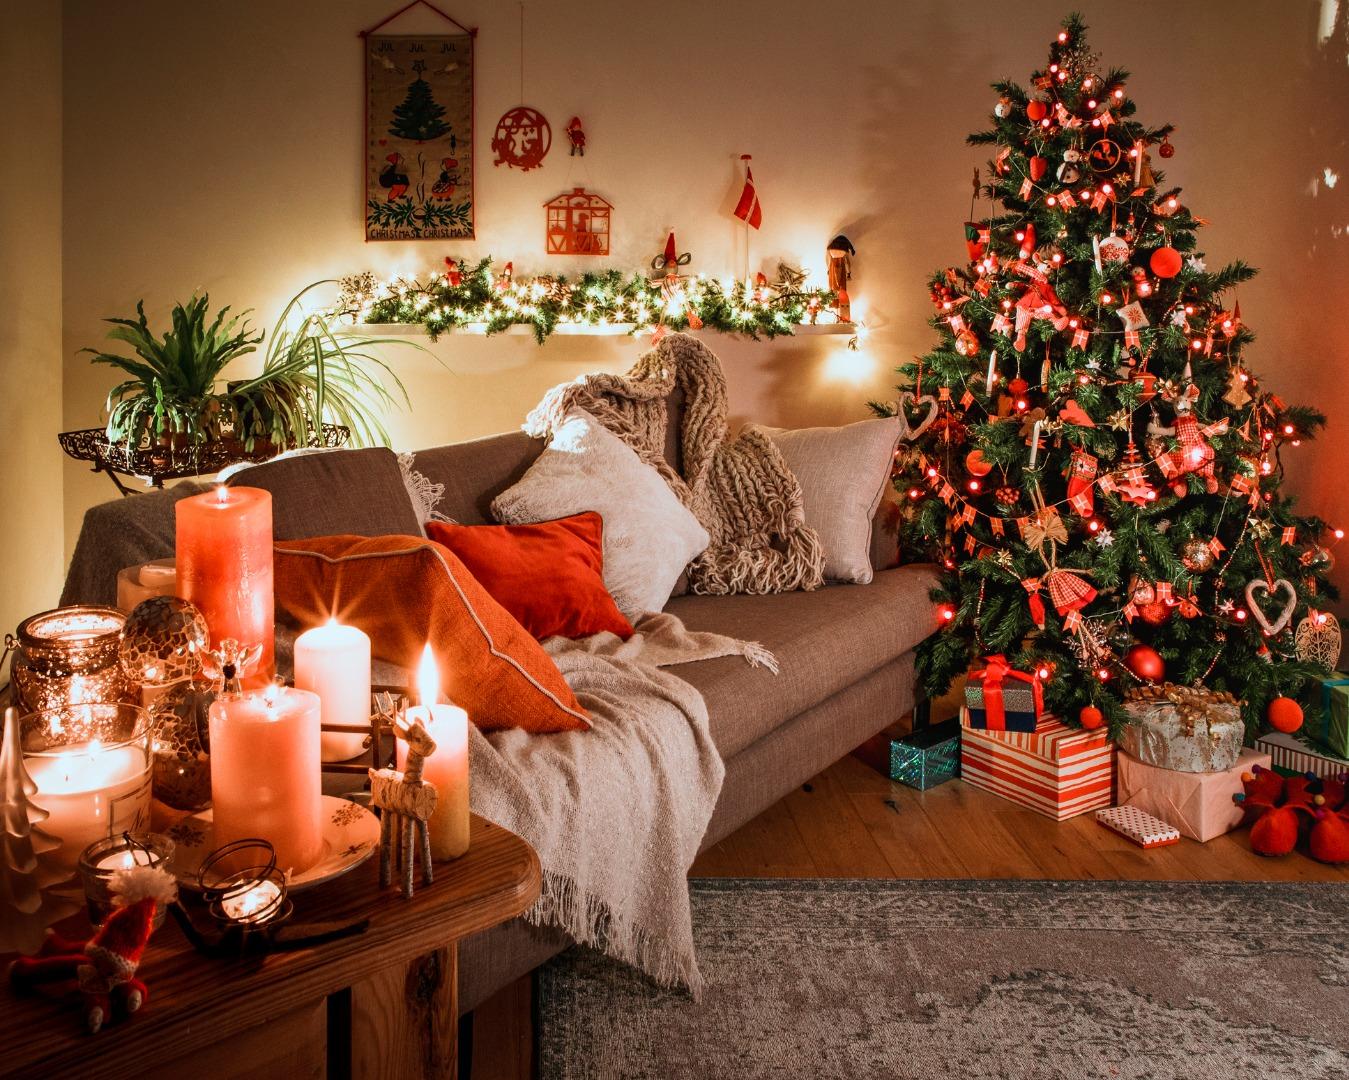 Идеи для новогоднего интерьера дома